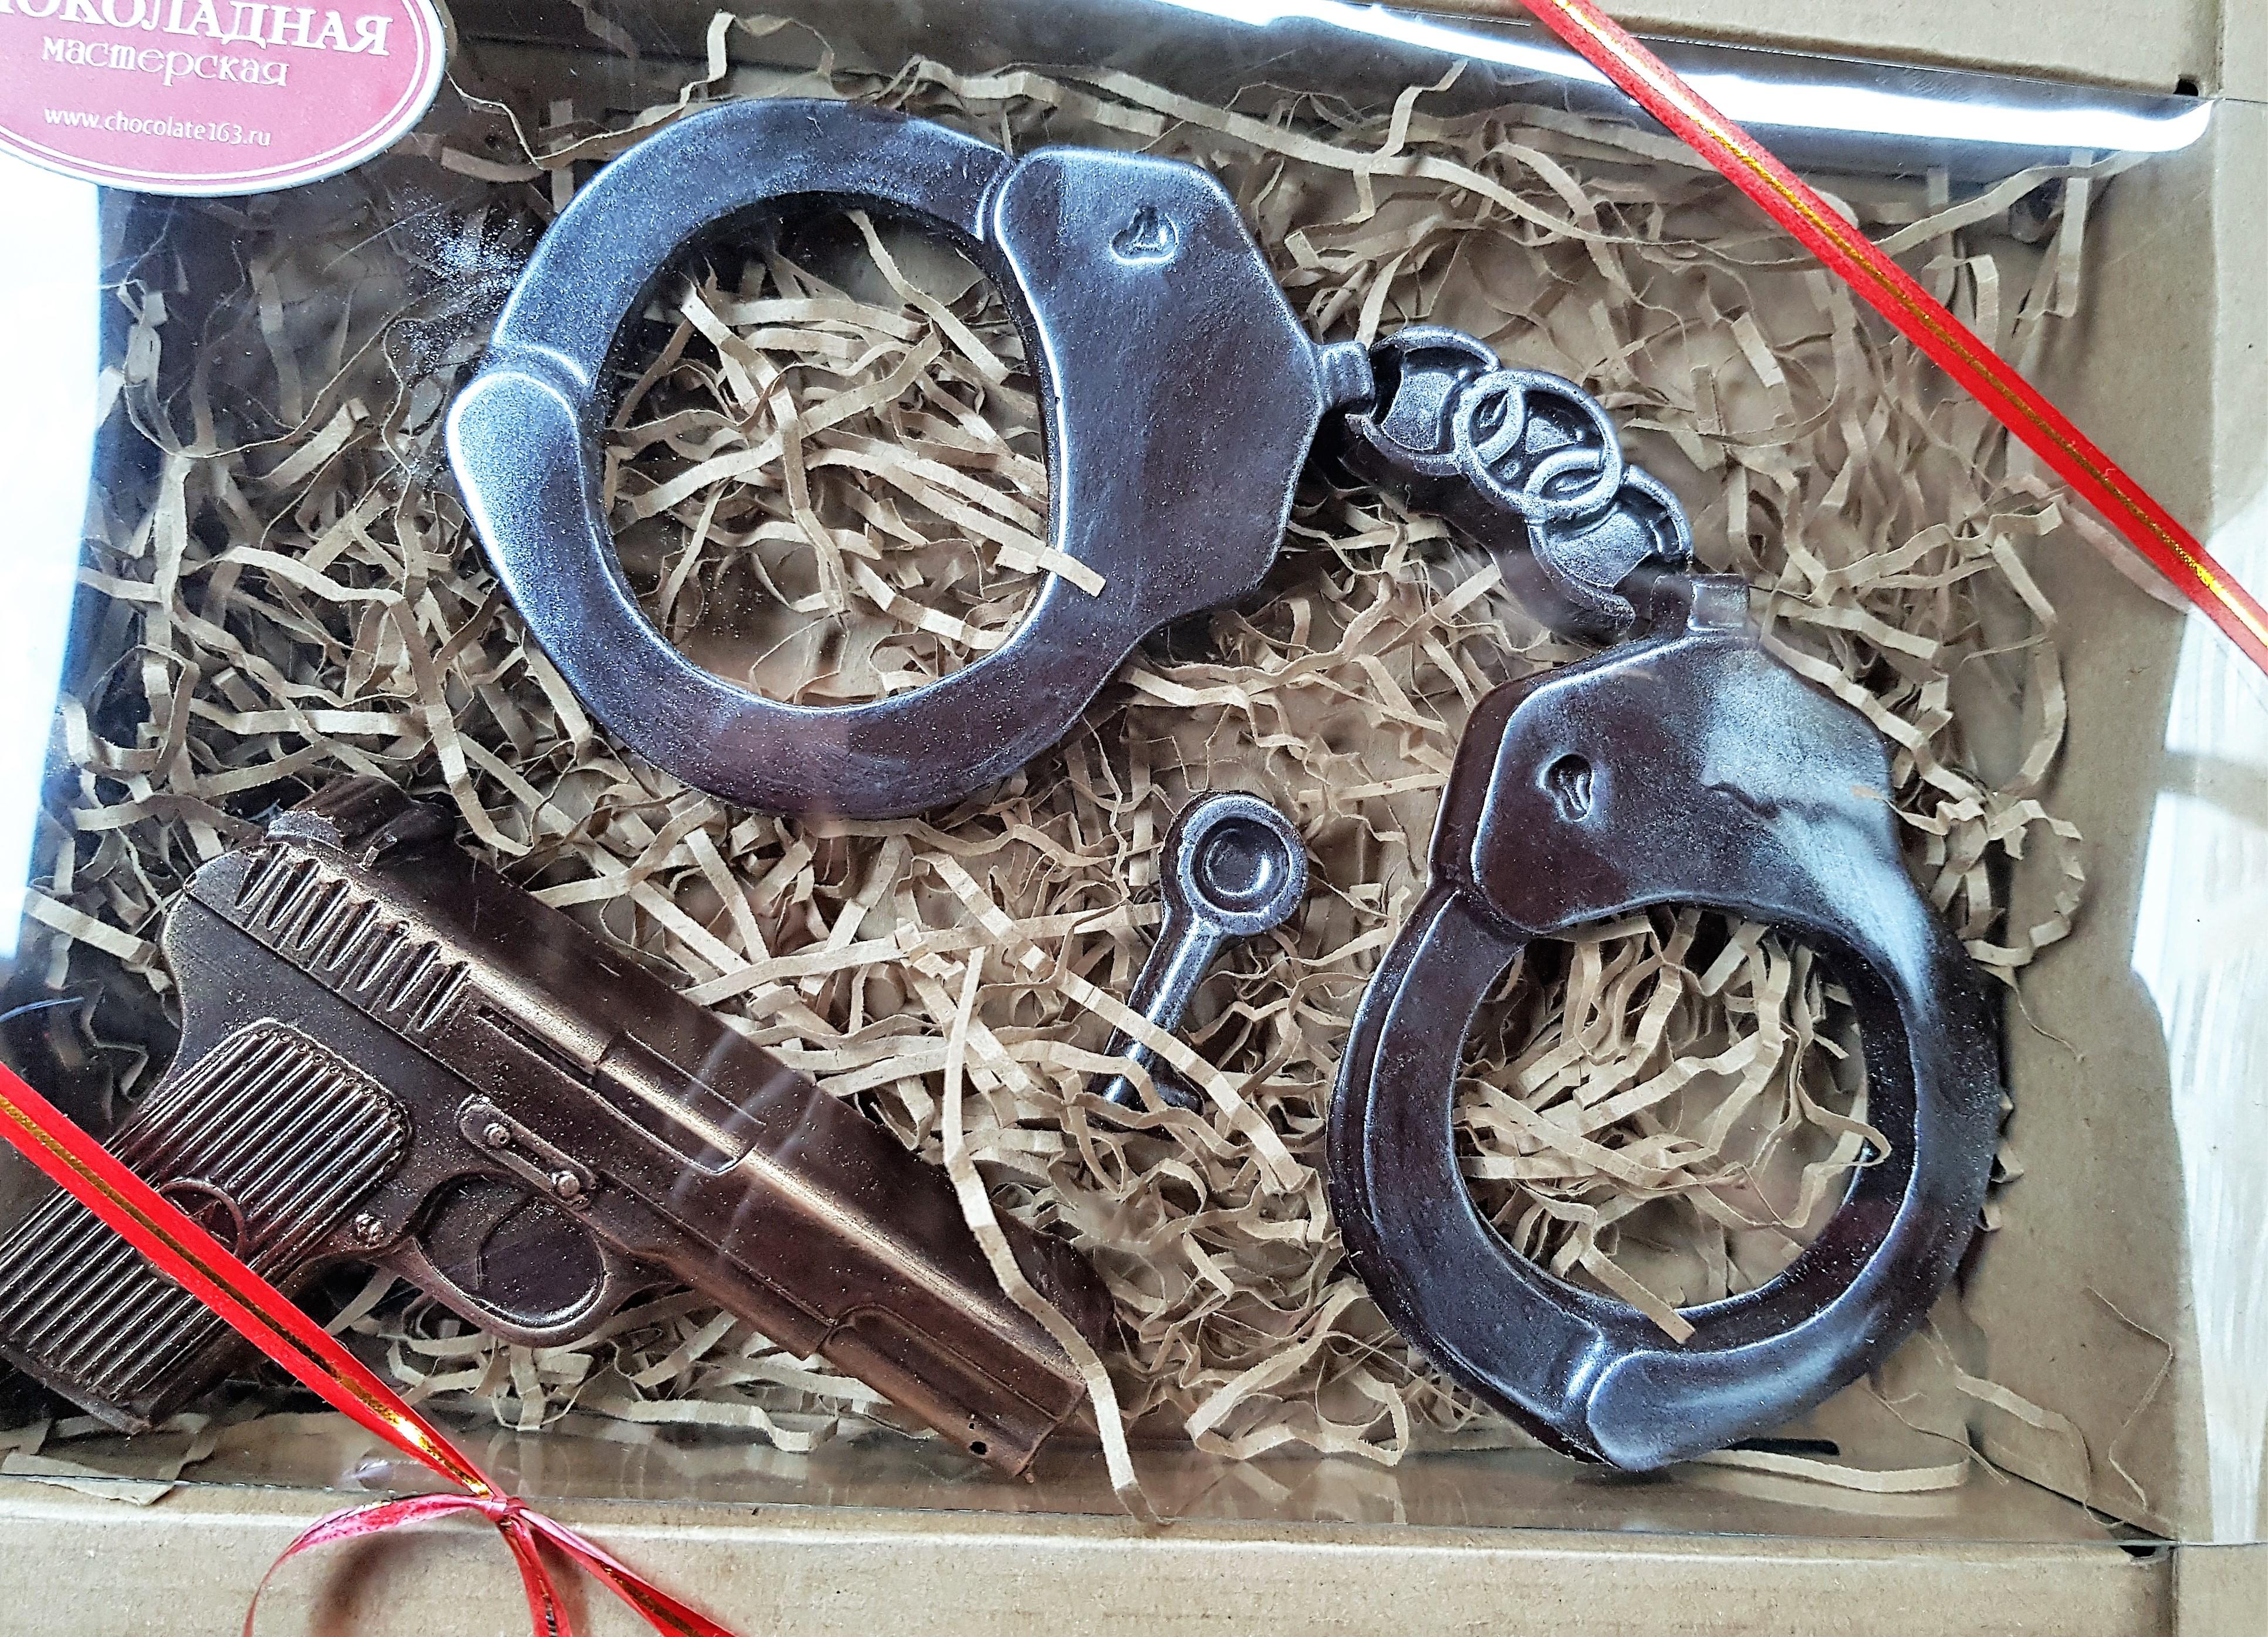 Набор - пистолет и наручники